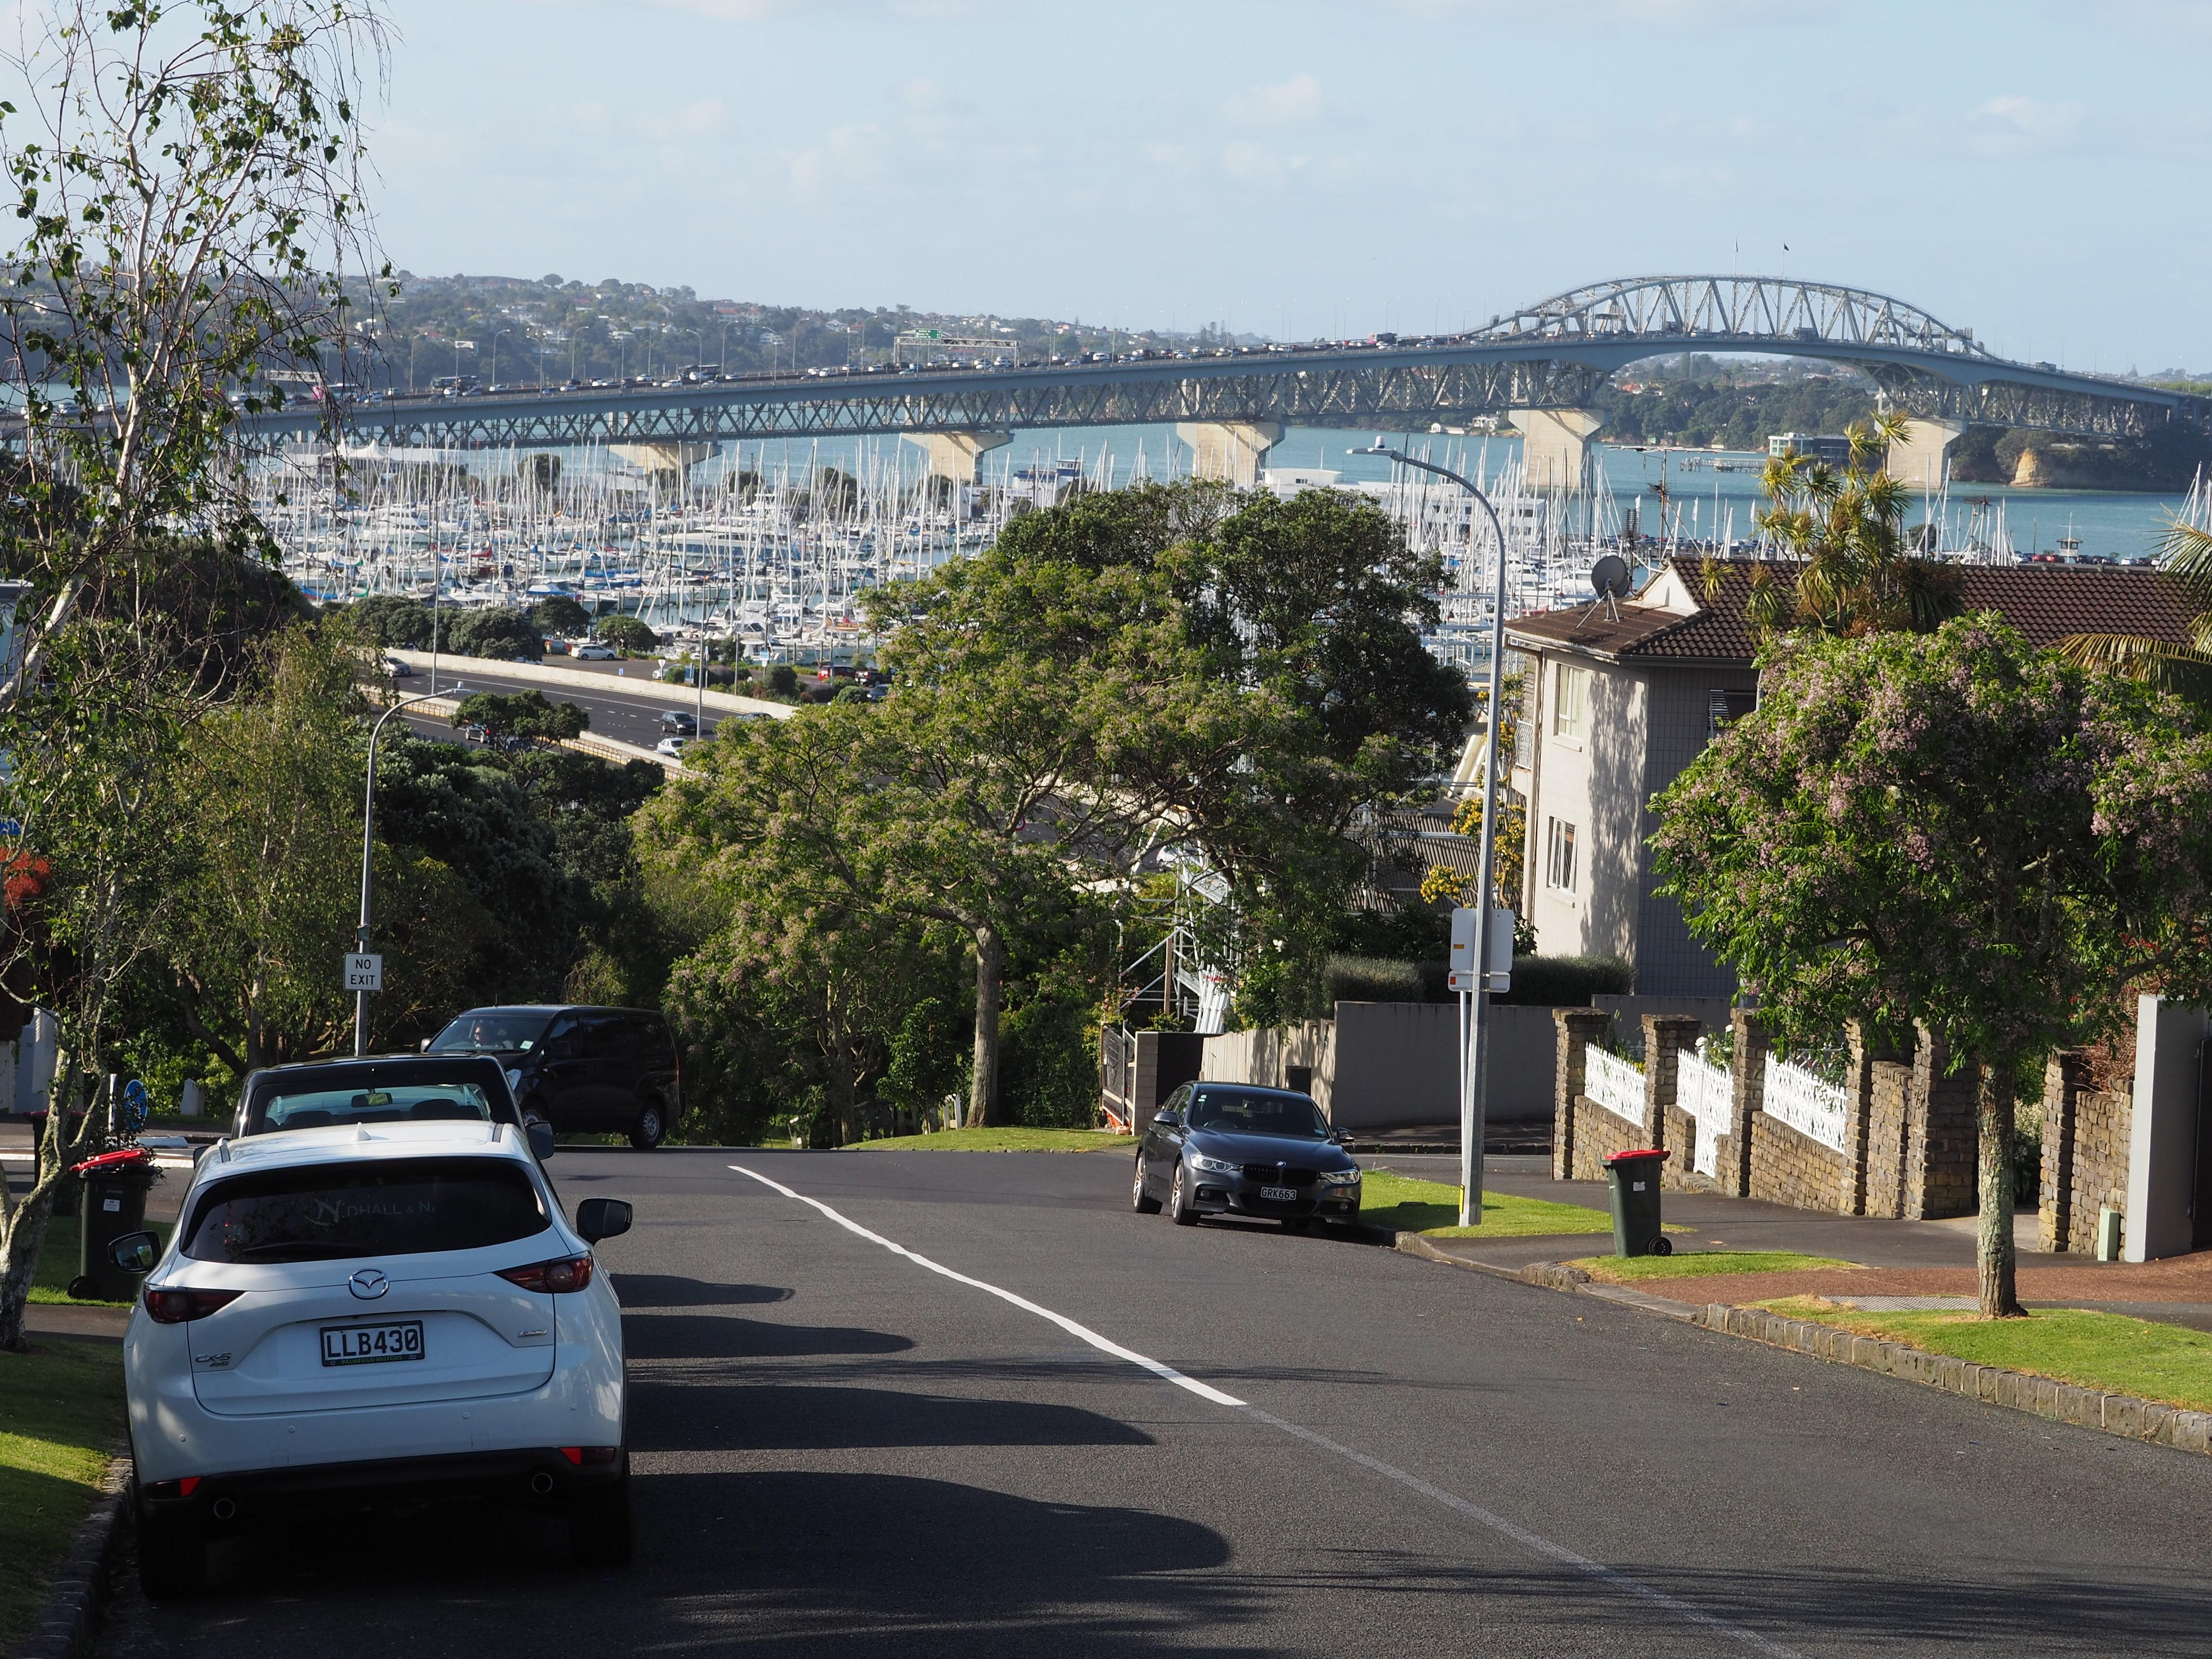 Der Blick von Aucklands Stadtteil Ponsonby in den Hafen